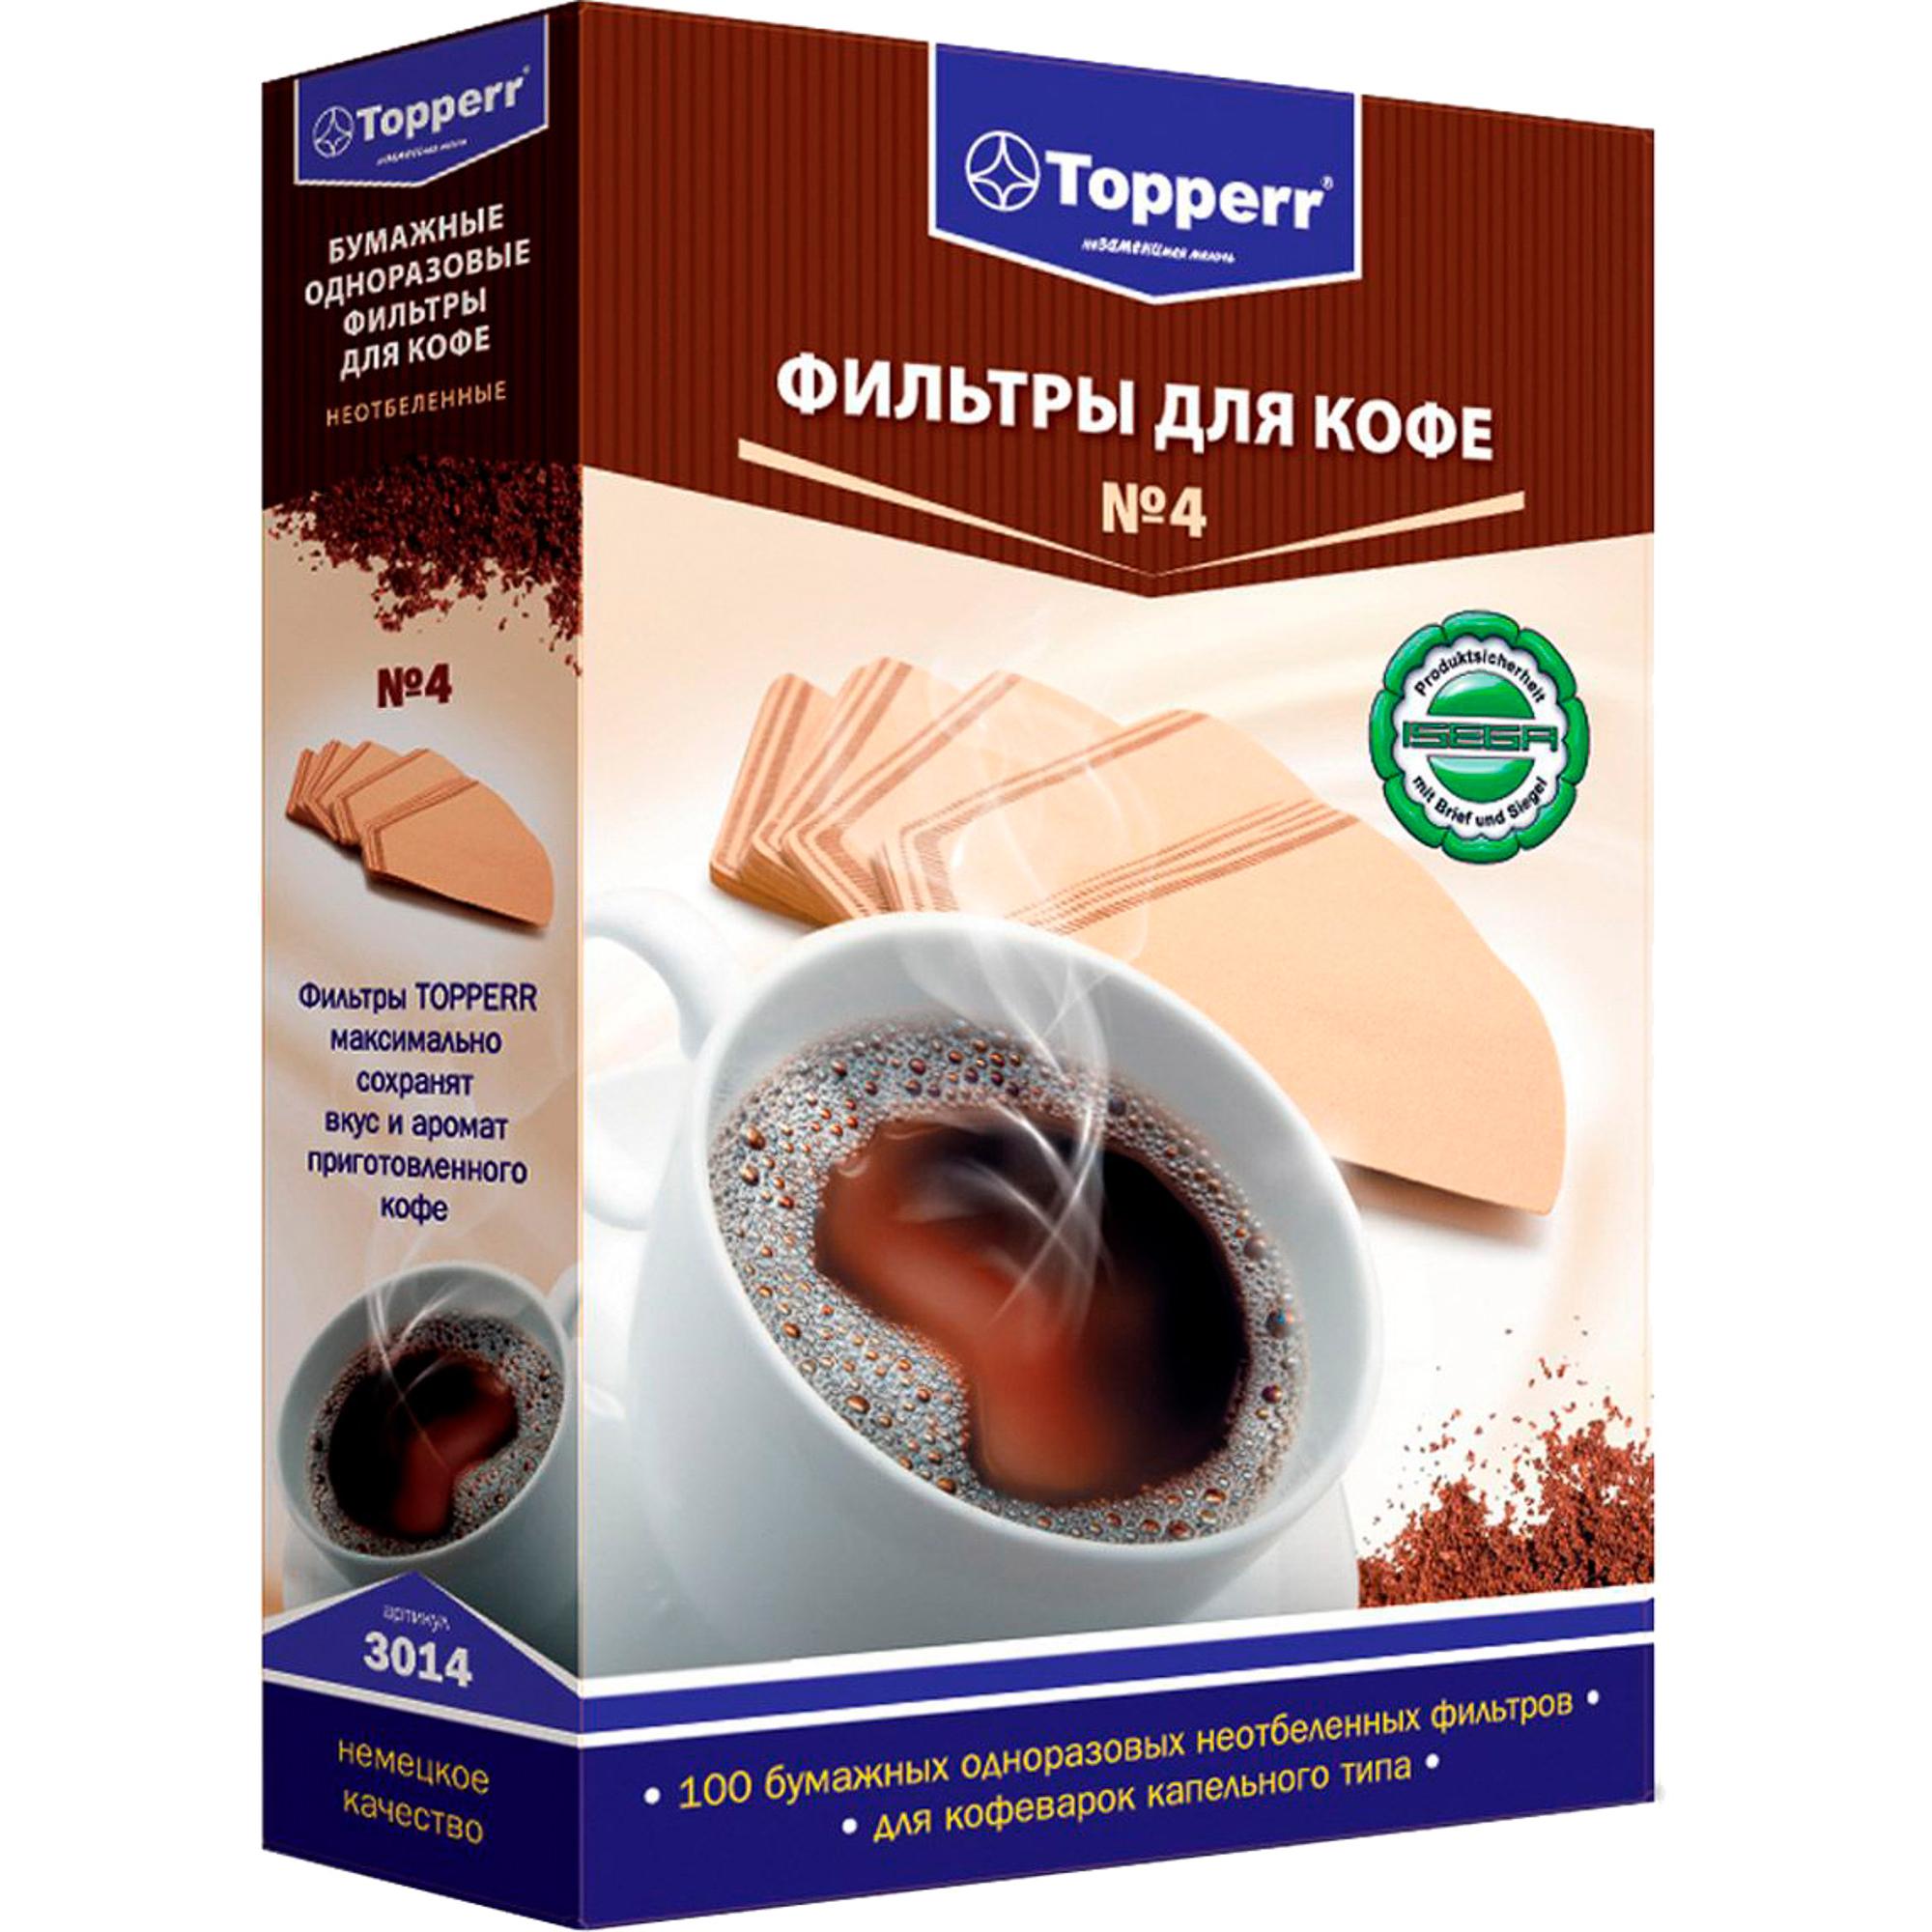 Одноразовые фильтры для кофе Topperr 3014 №4 неотбеленные